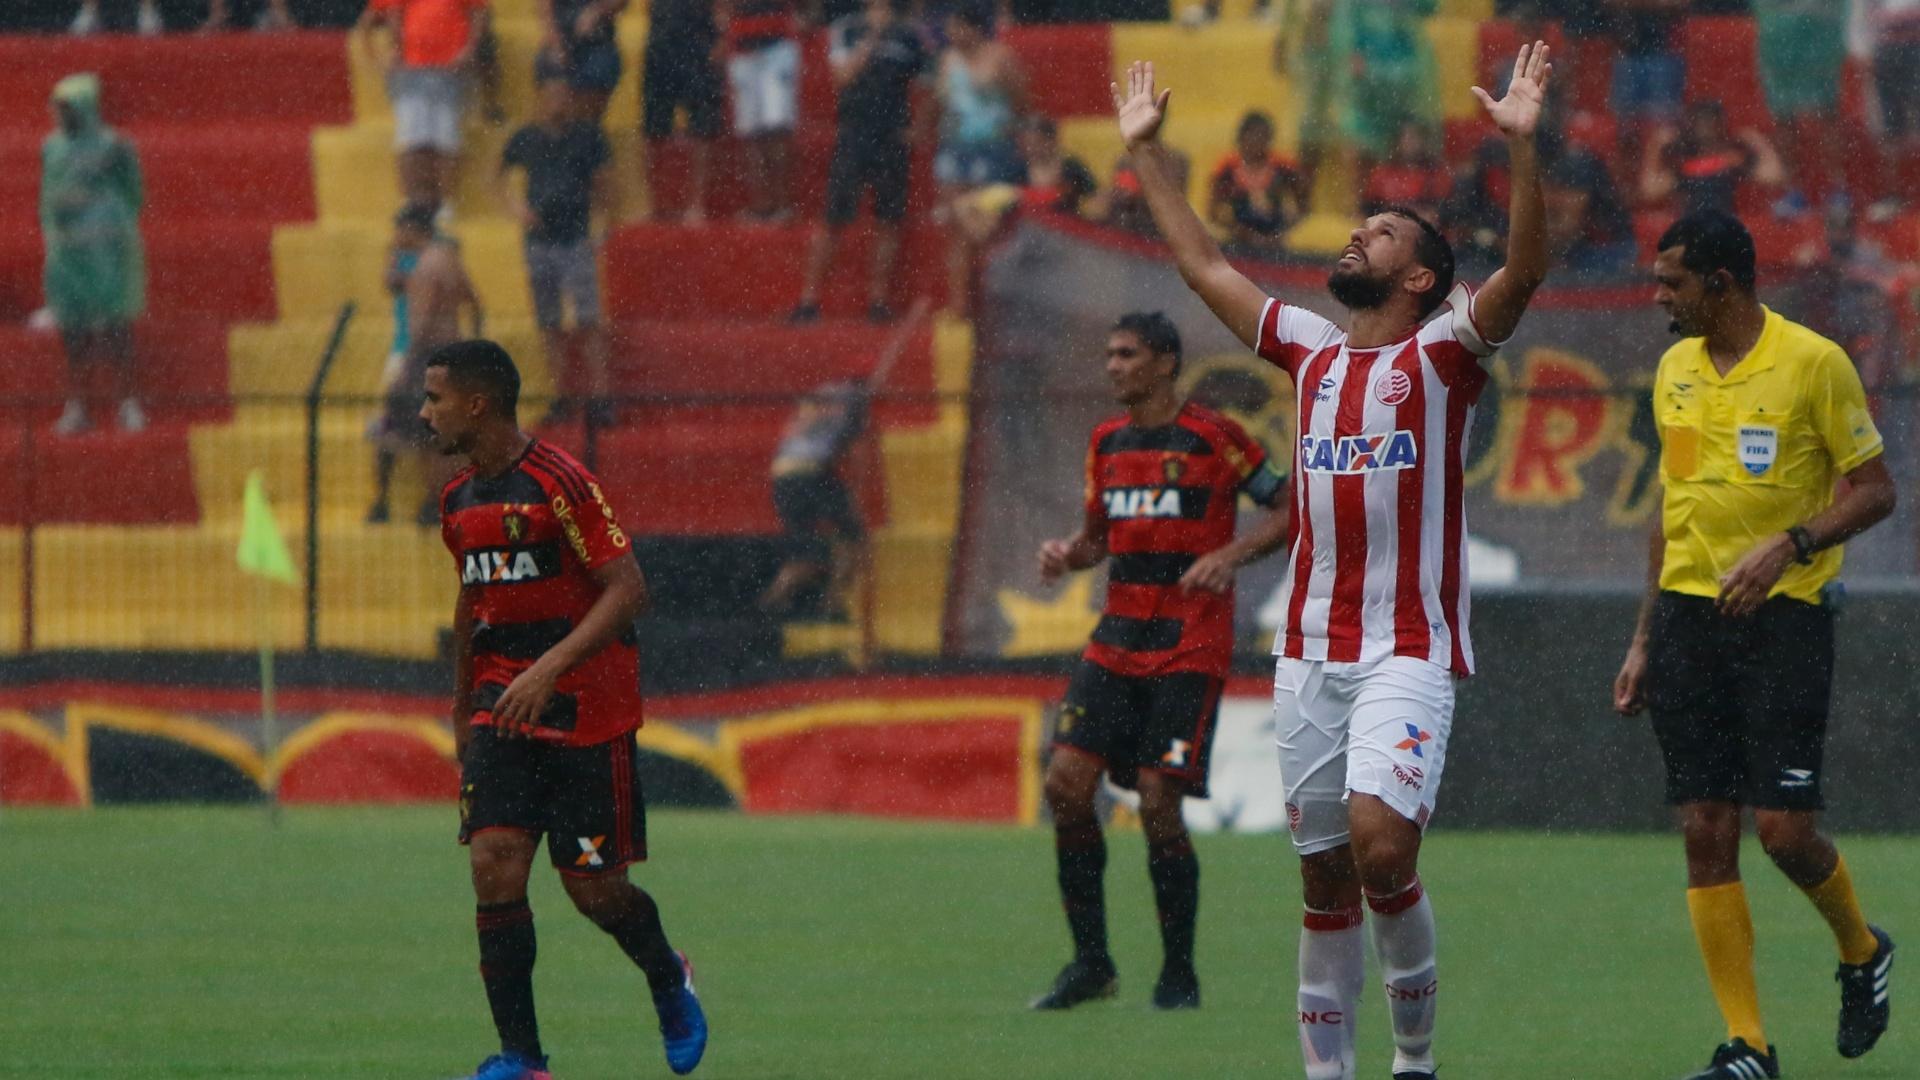 Marco Antônio comemora gol marcado pelo Náutico contra o Sport na Ilha do Retiro